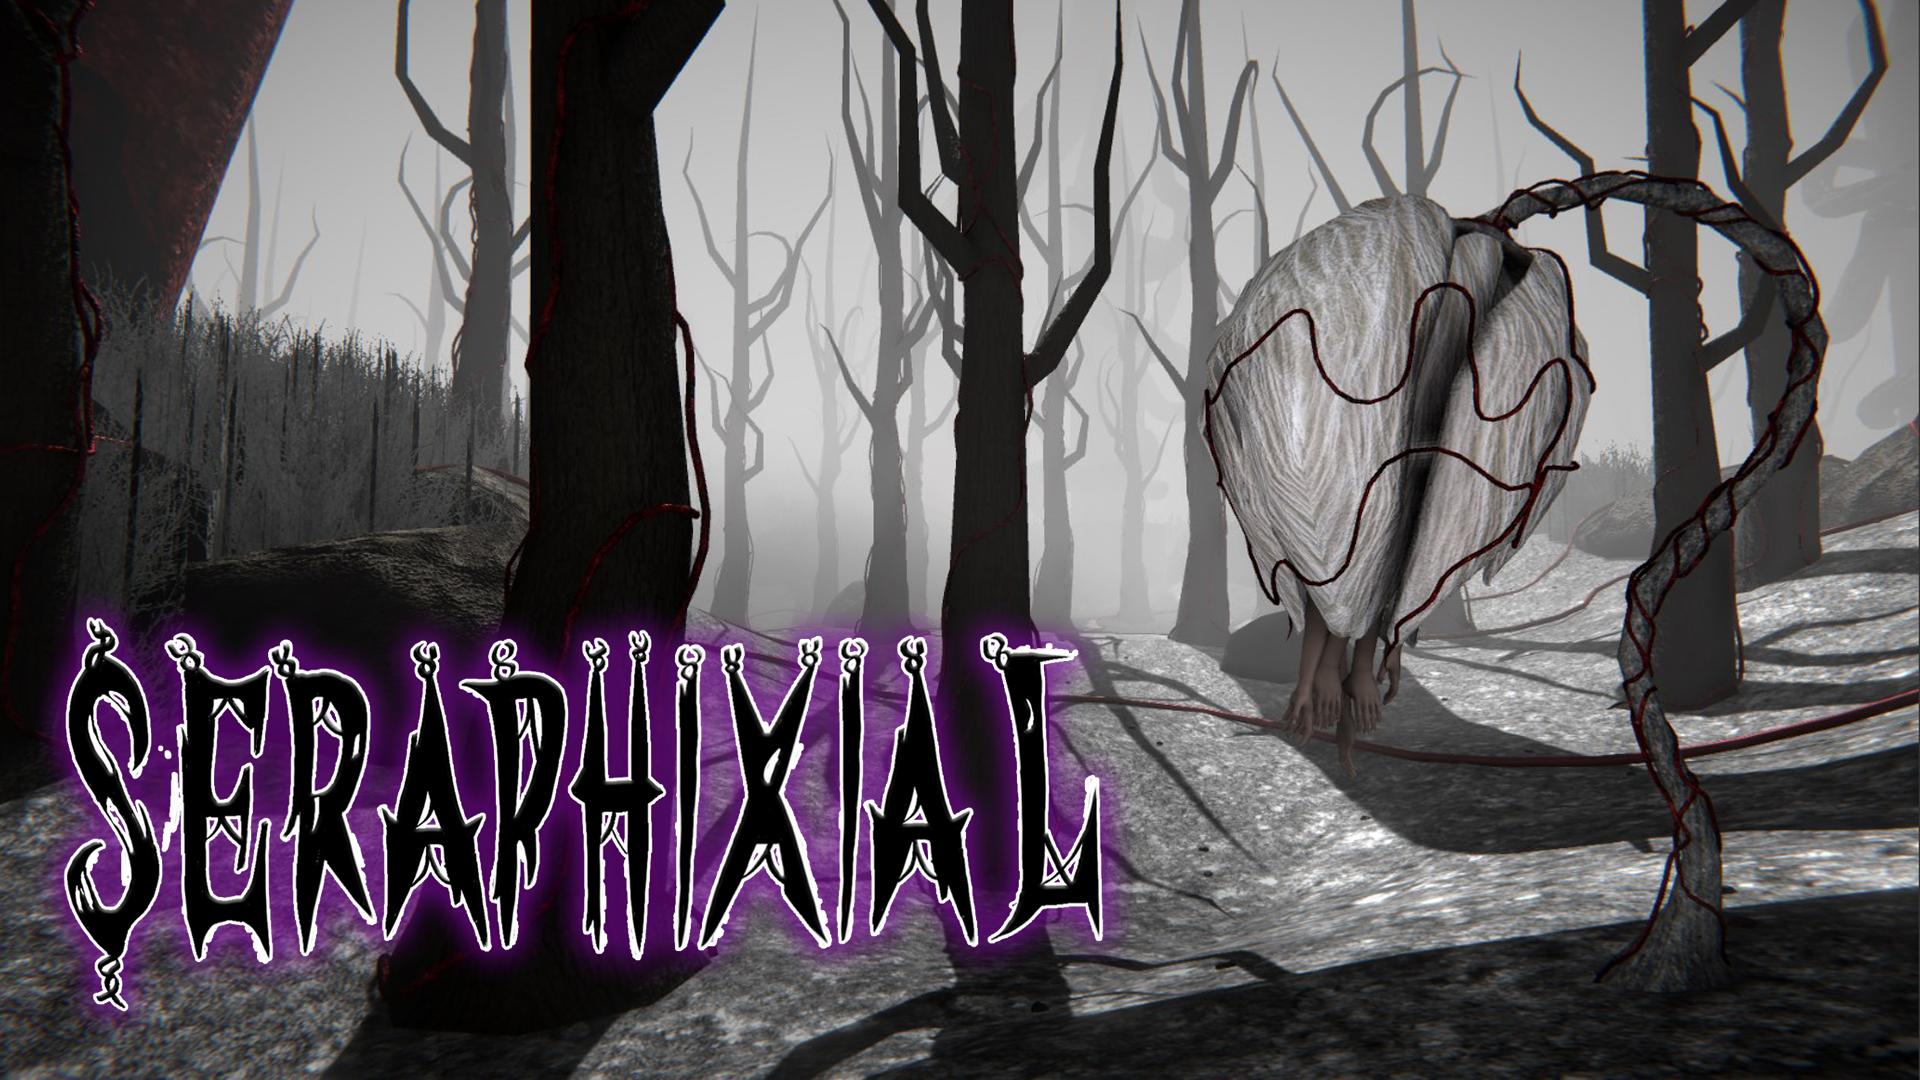 Seraphixial